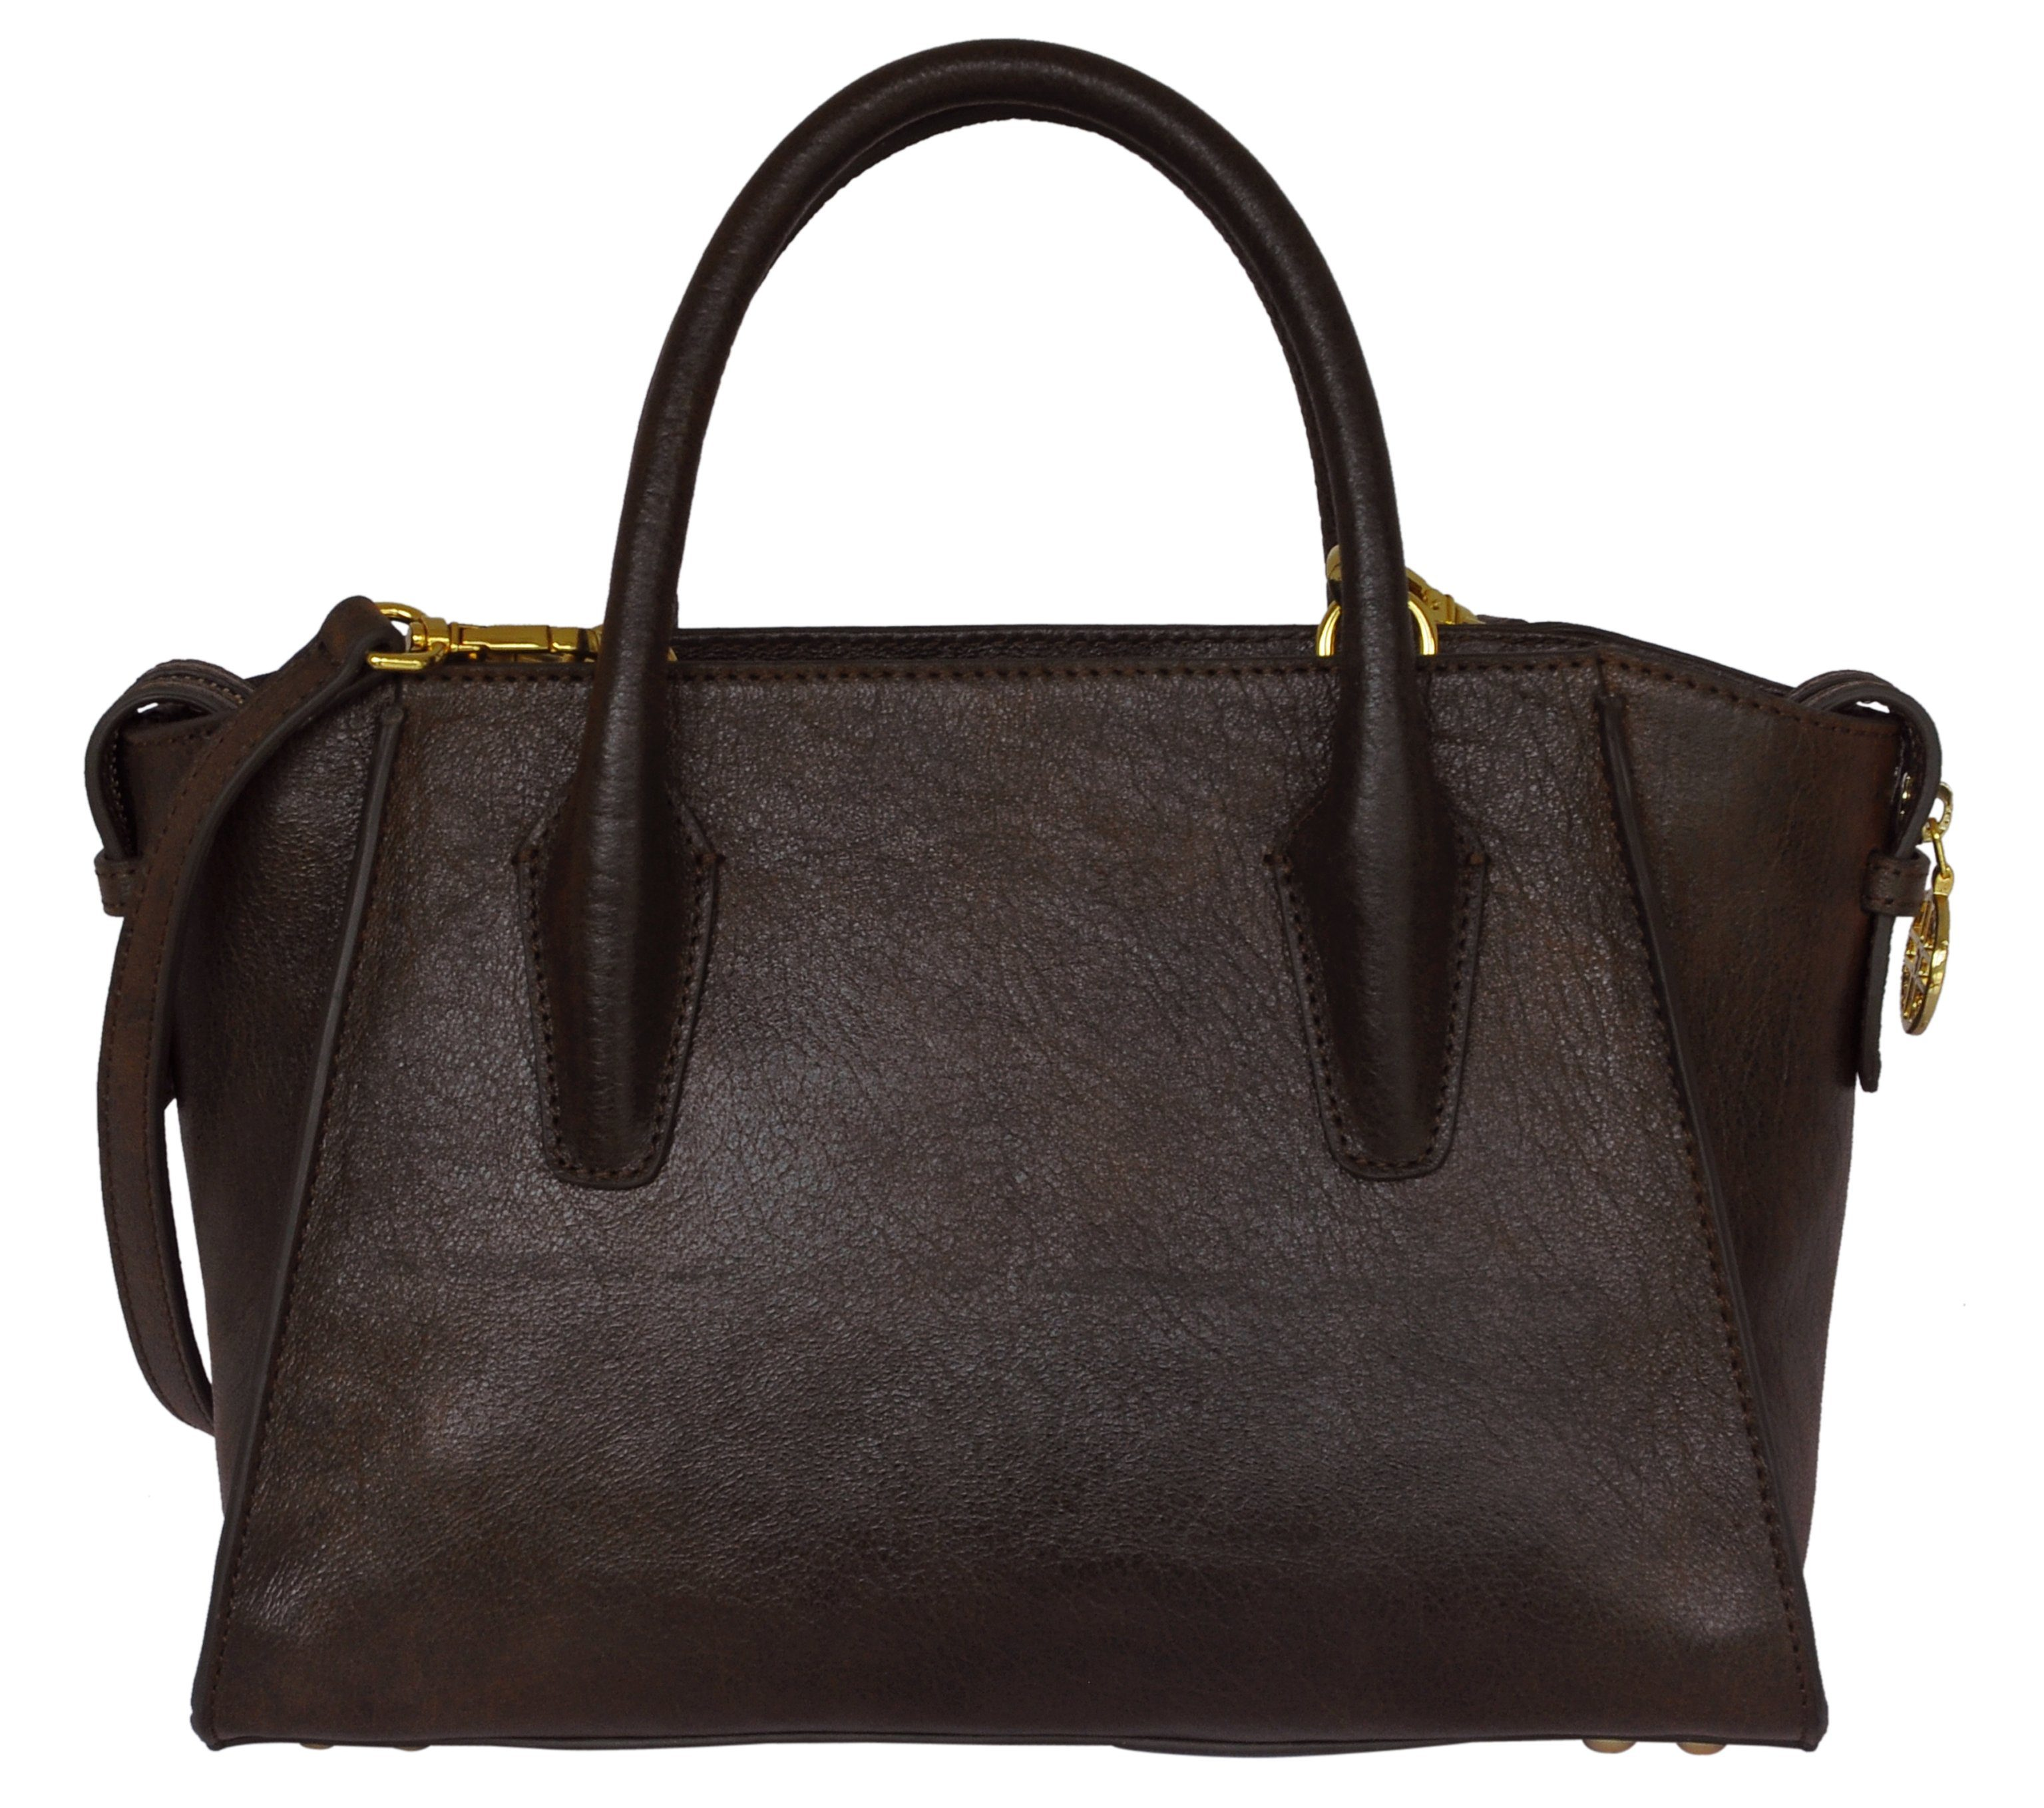 Silvio Tossi Tossi Silvio Handtaschen fashion Handtaschen OxTT7dzw